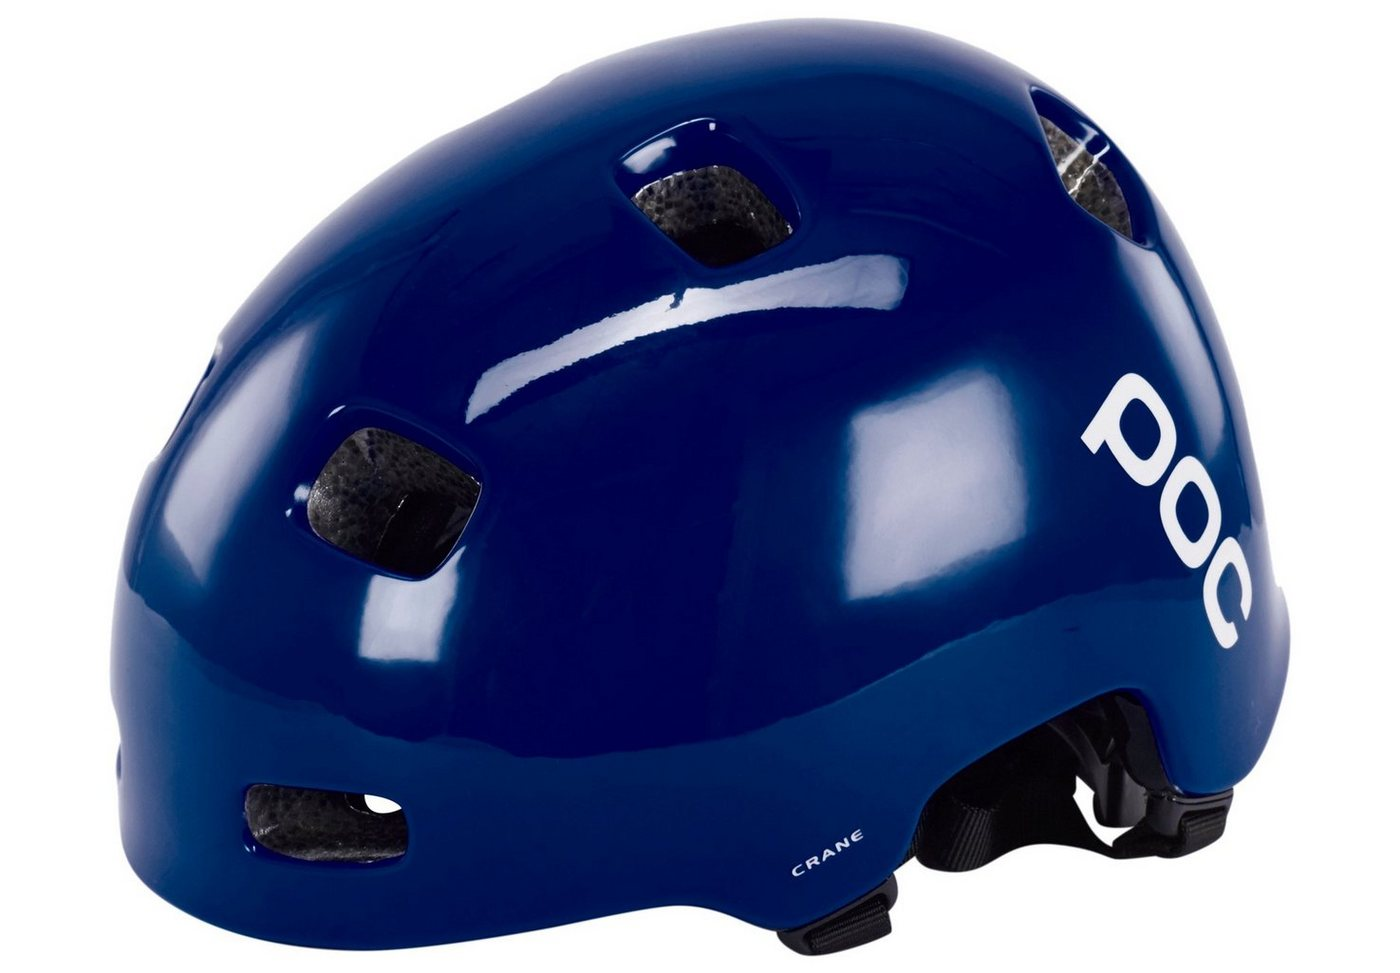 POC - Crane Pure - Radhelm Gr XS/S blau/grau